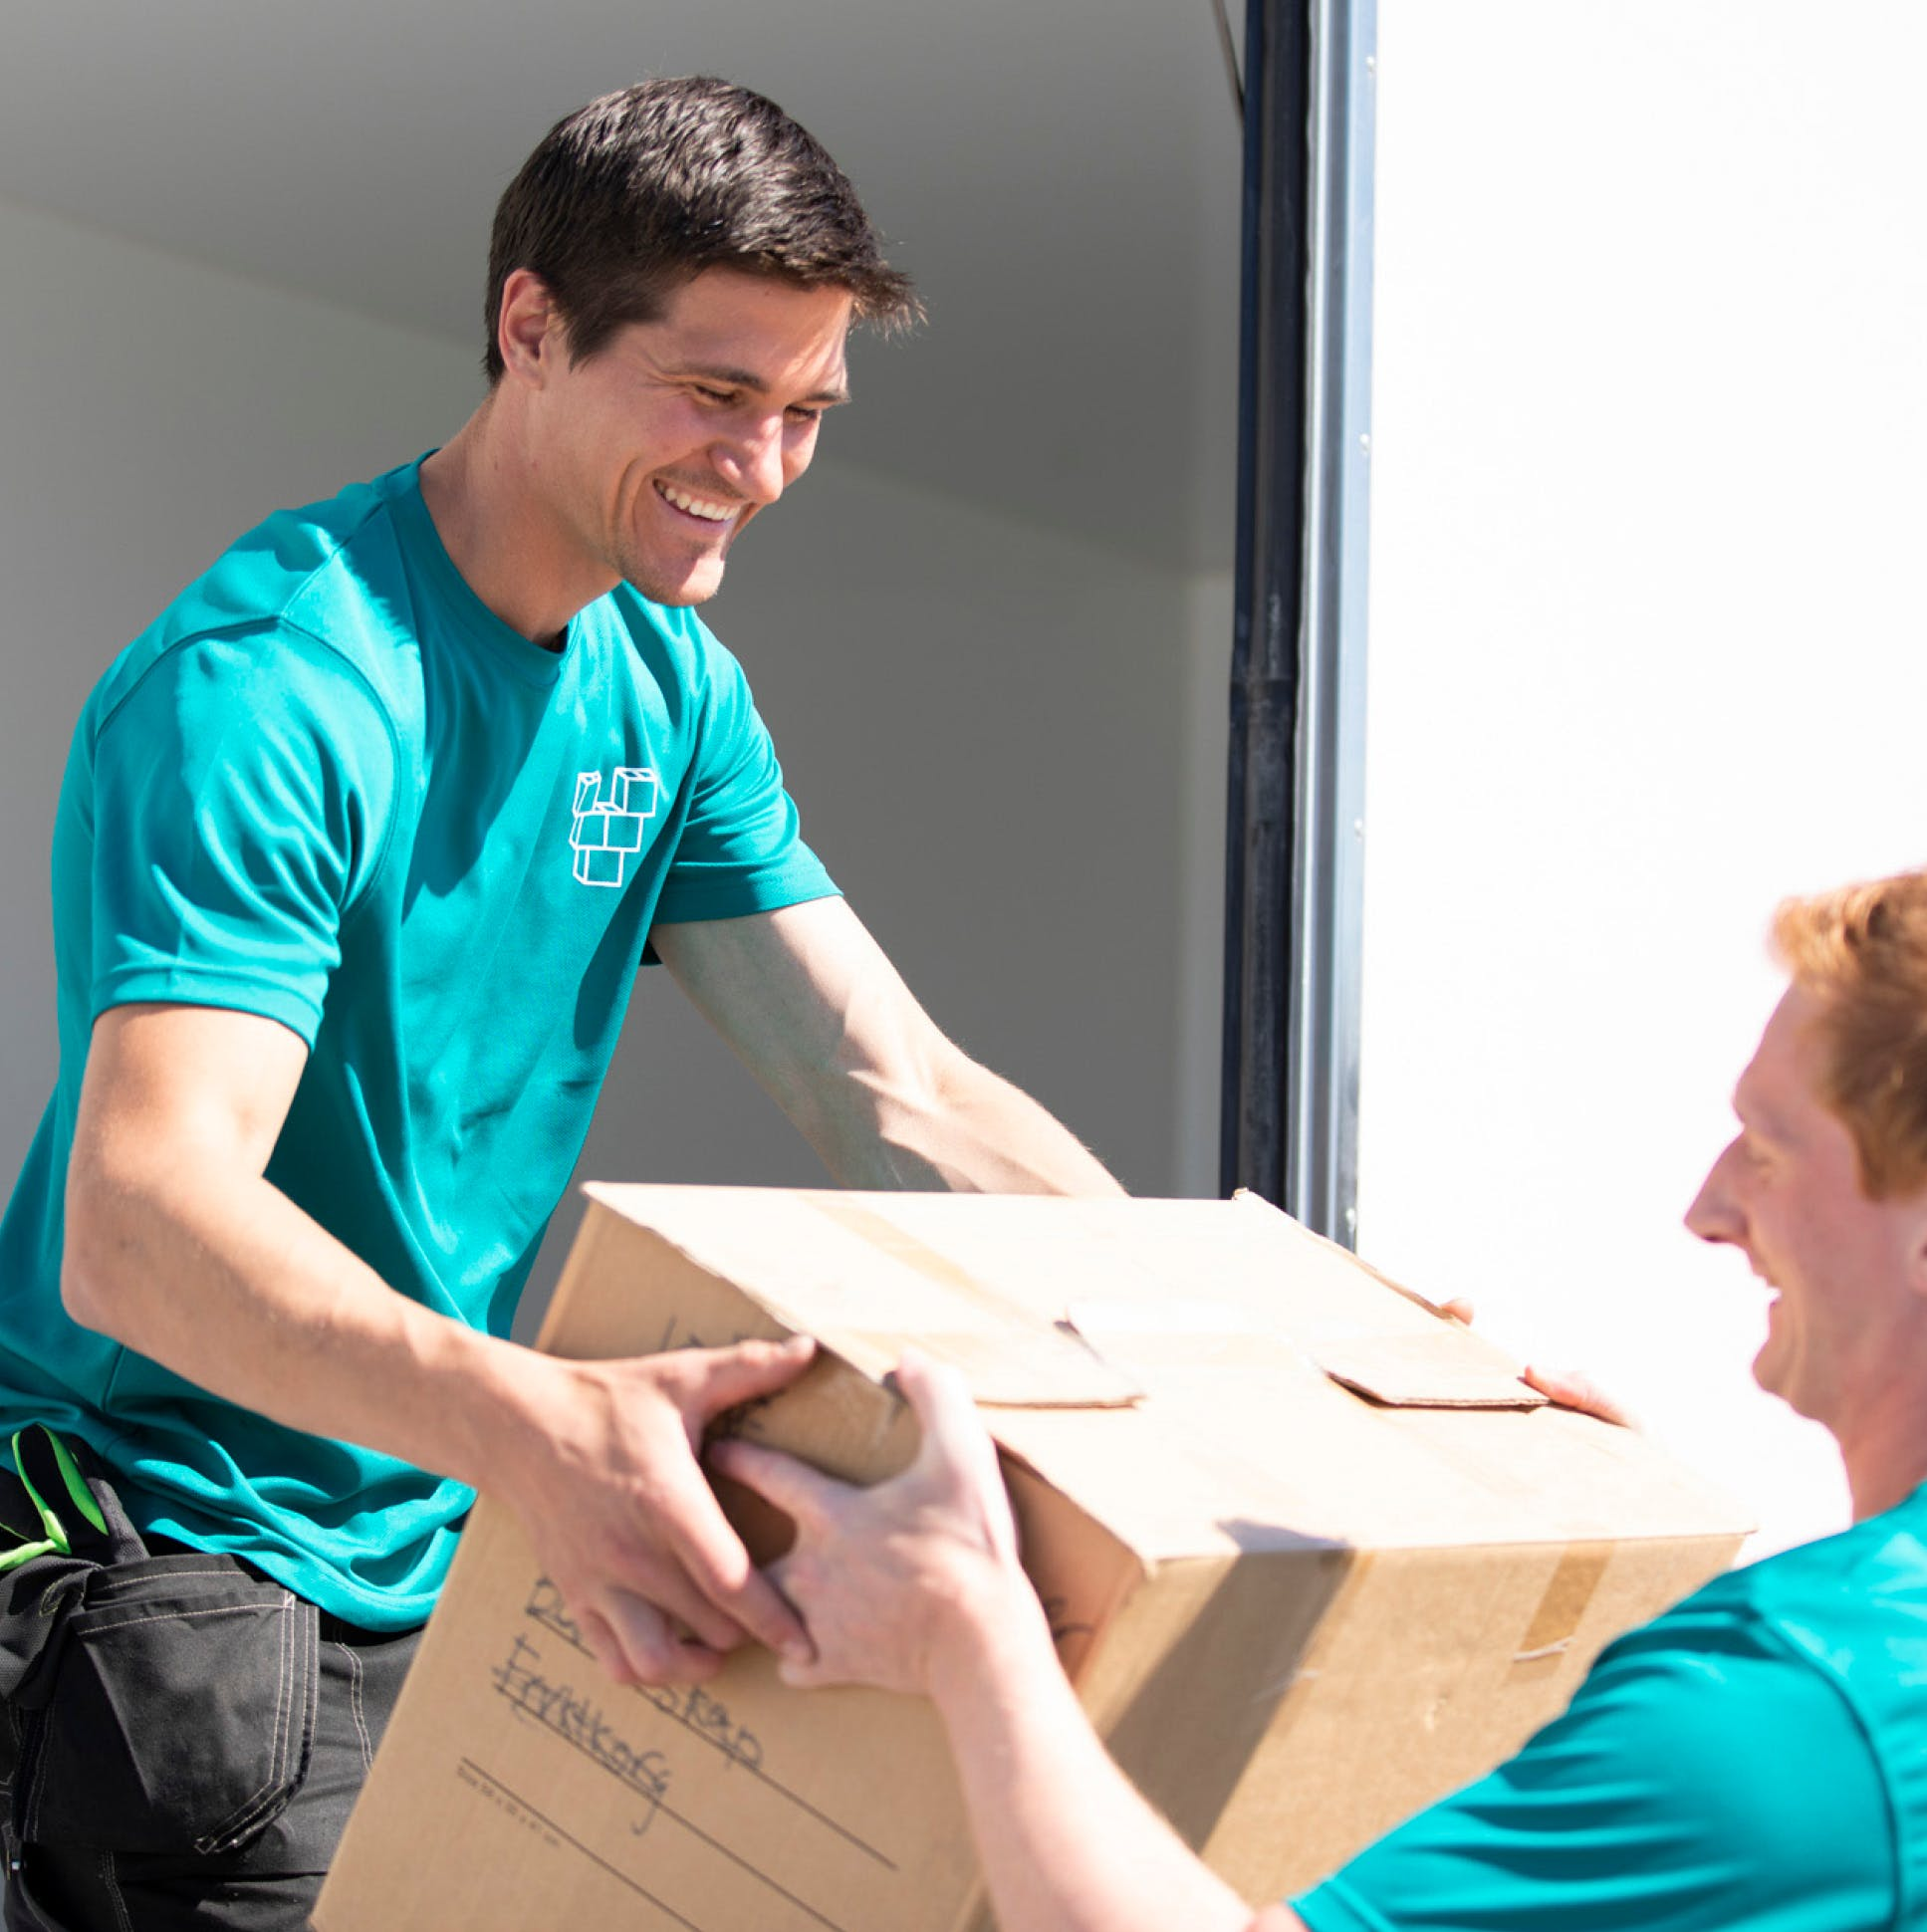 Vinden personal unloading